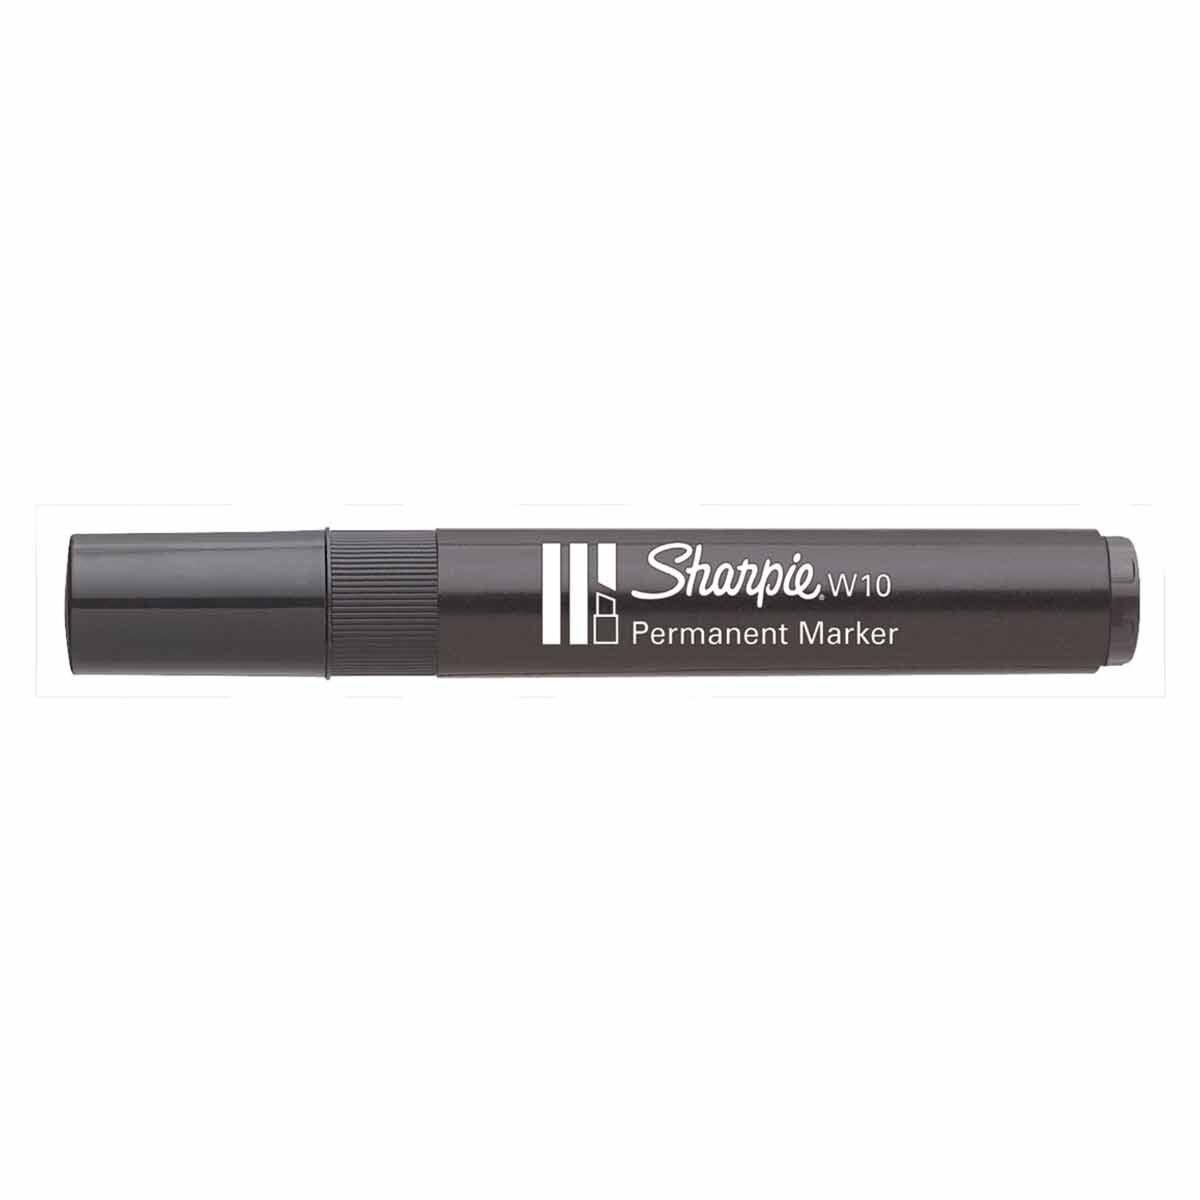 Sharpie W10 Permanent Marker Black